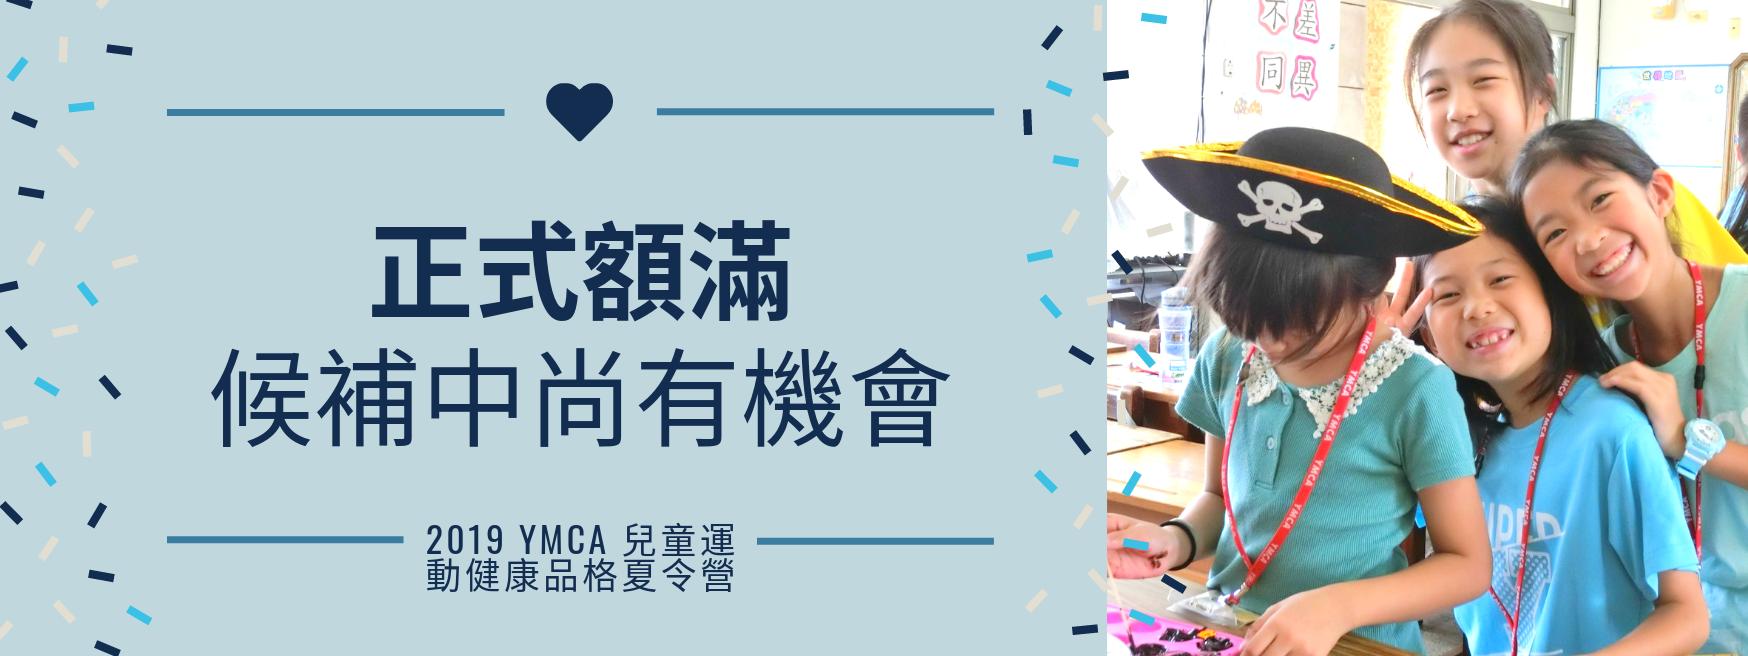 2019年YMCA運動健康品格夏令營開放候補中!